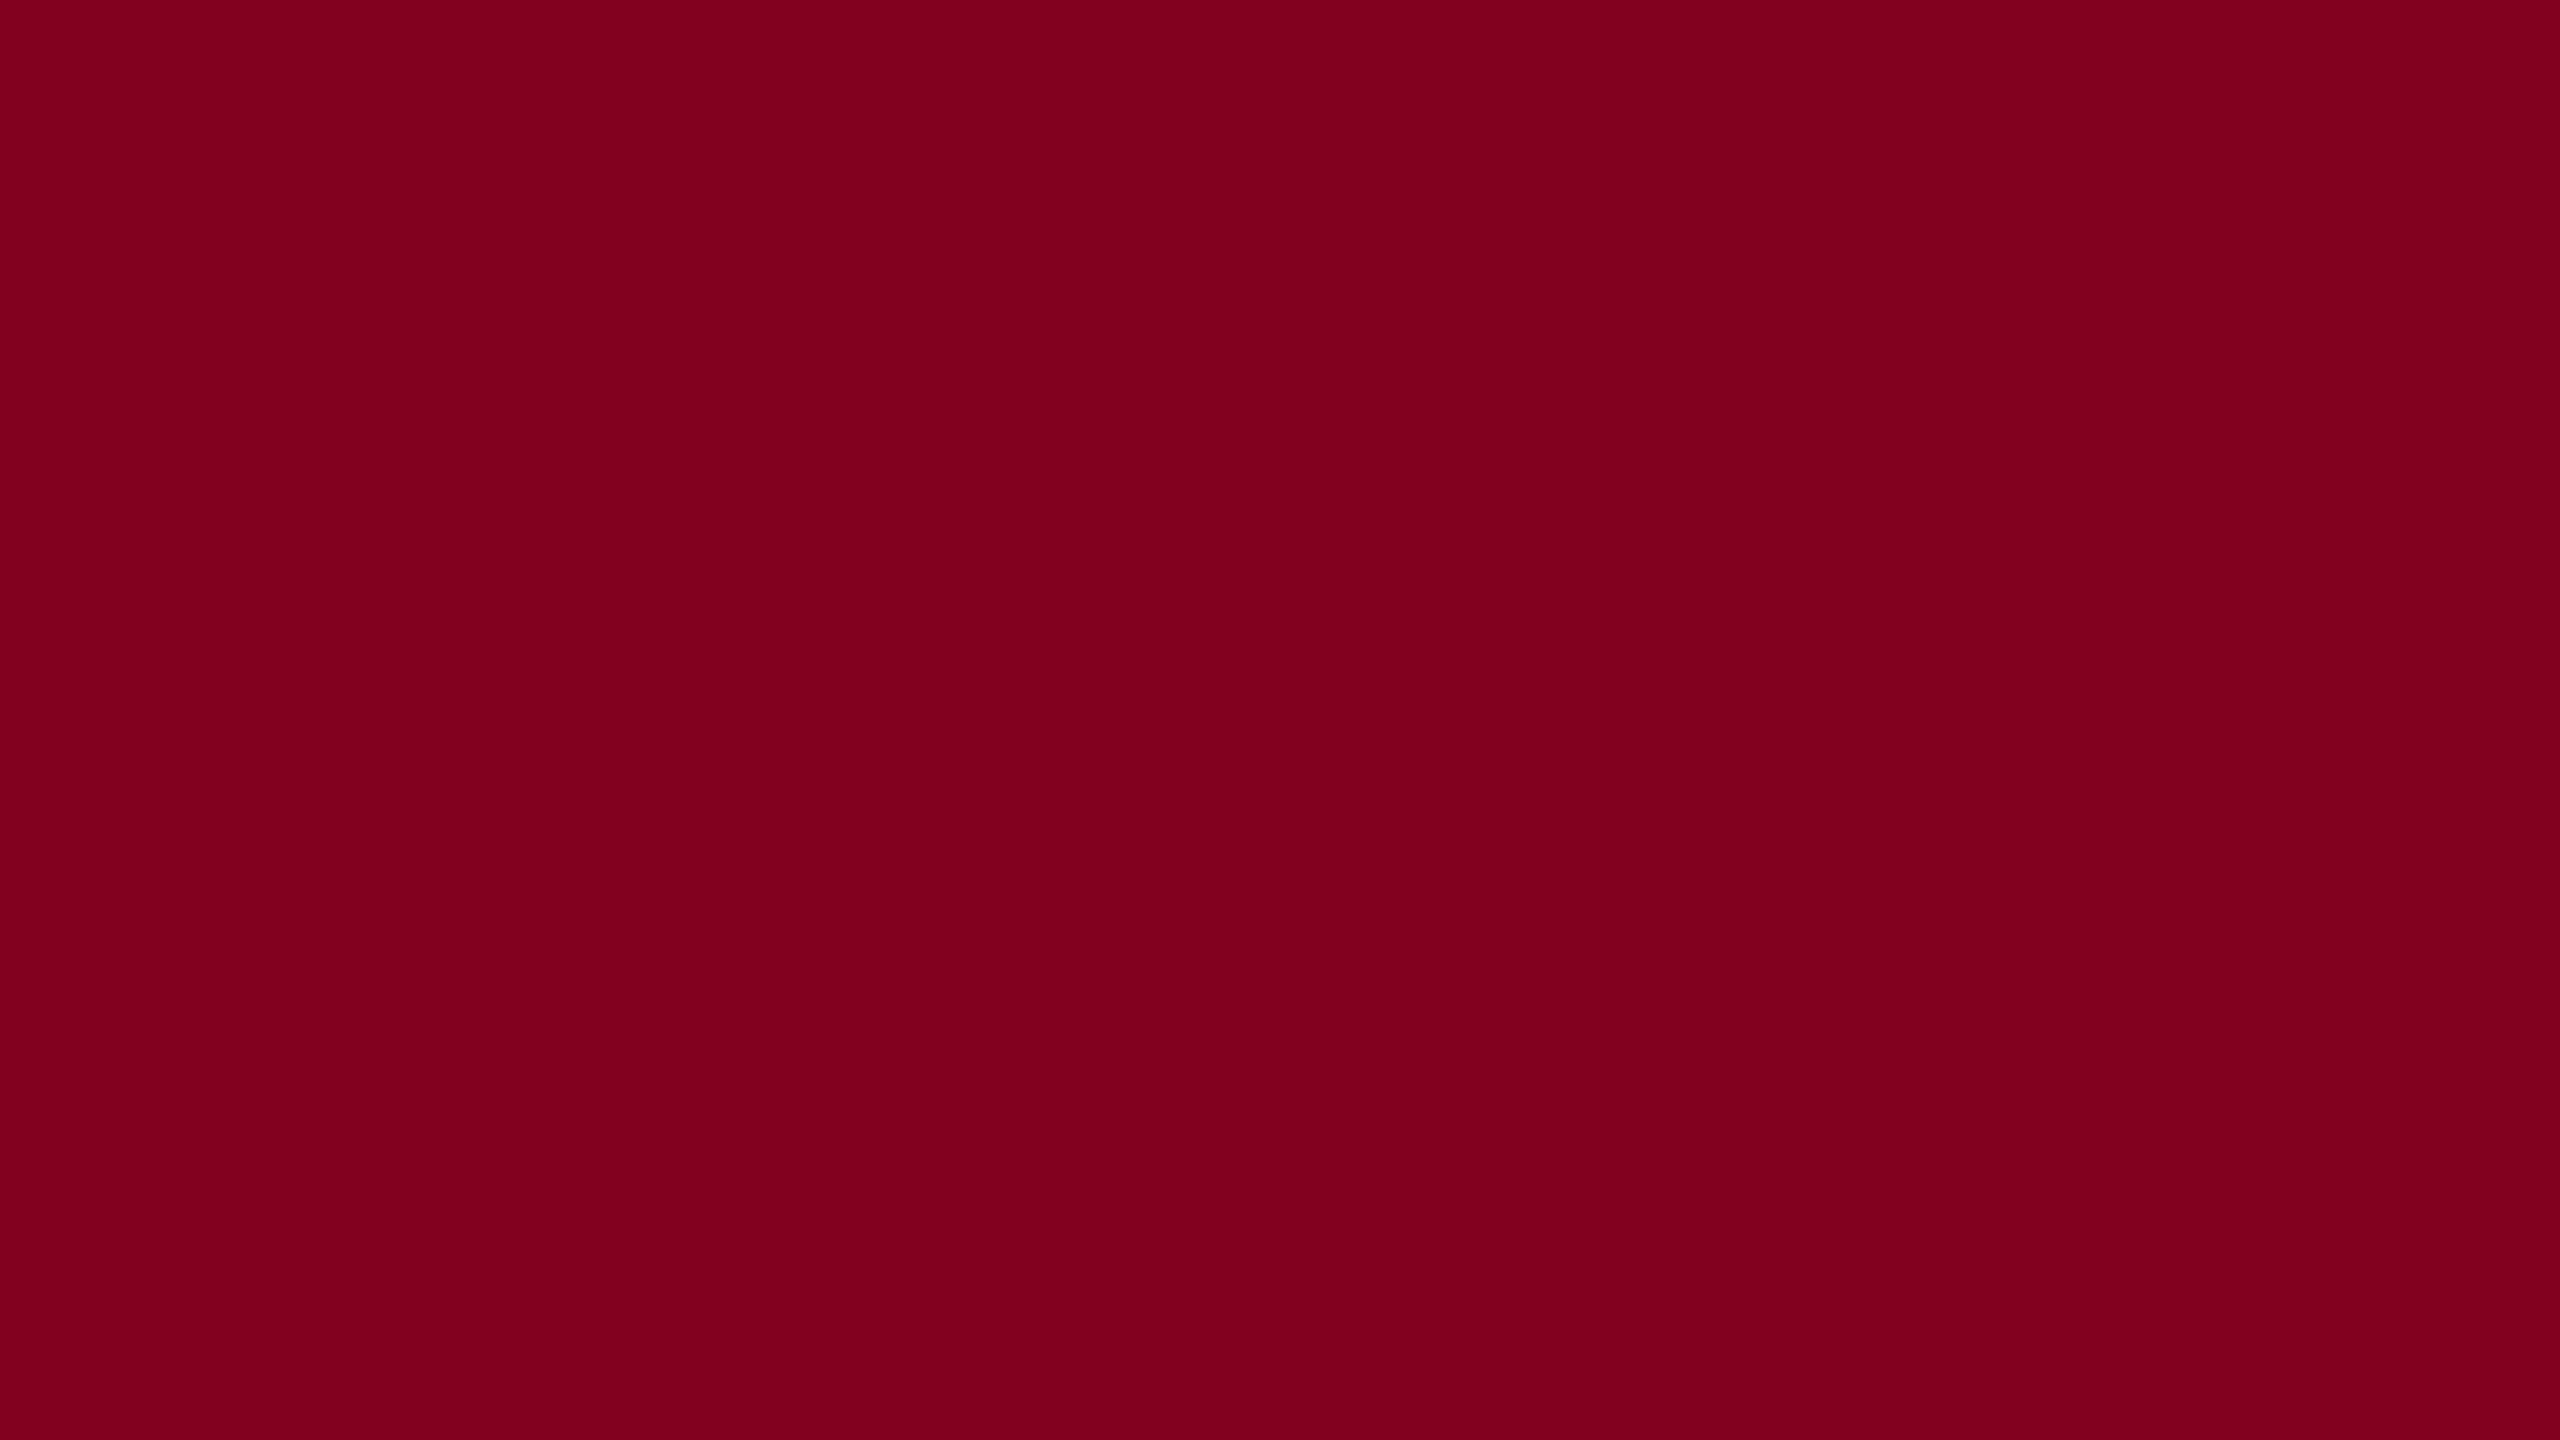 Get Dark Maroon Background Hd